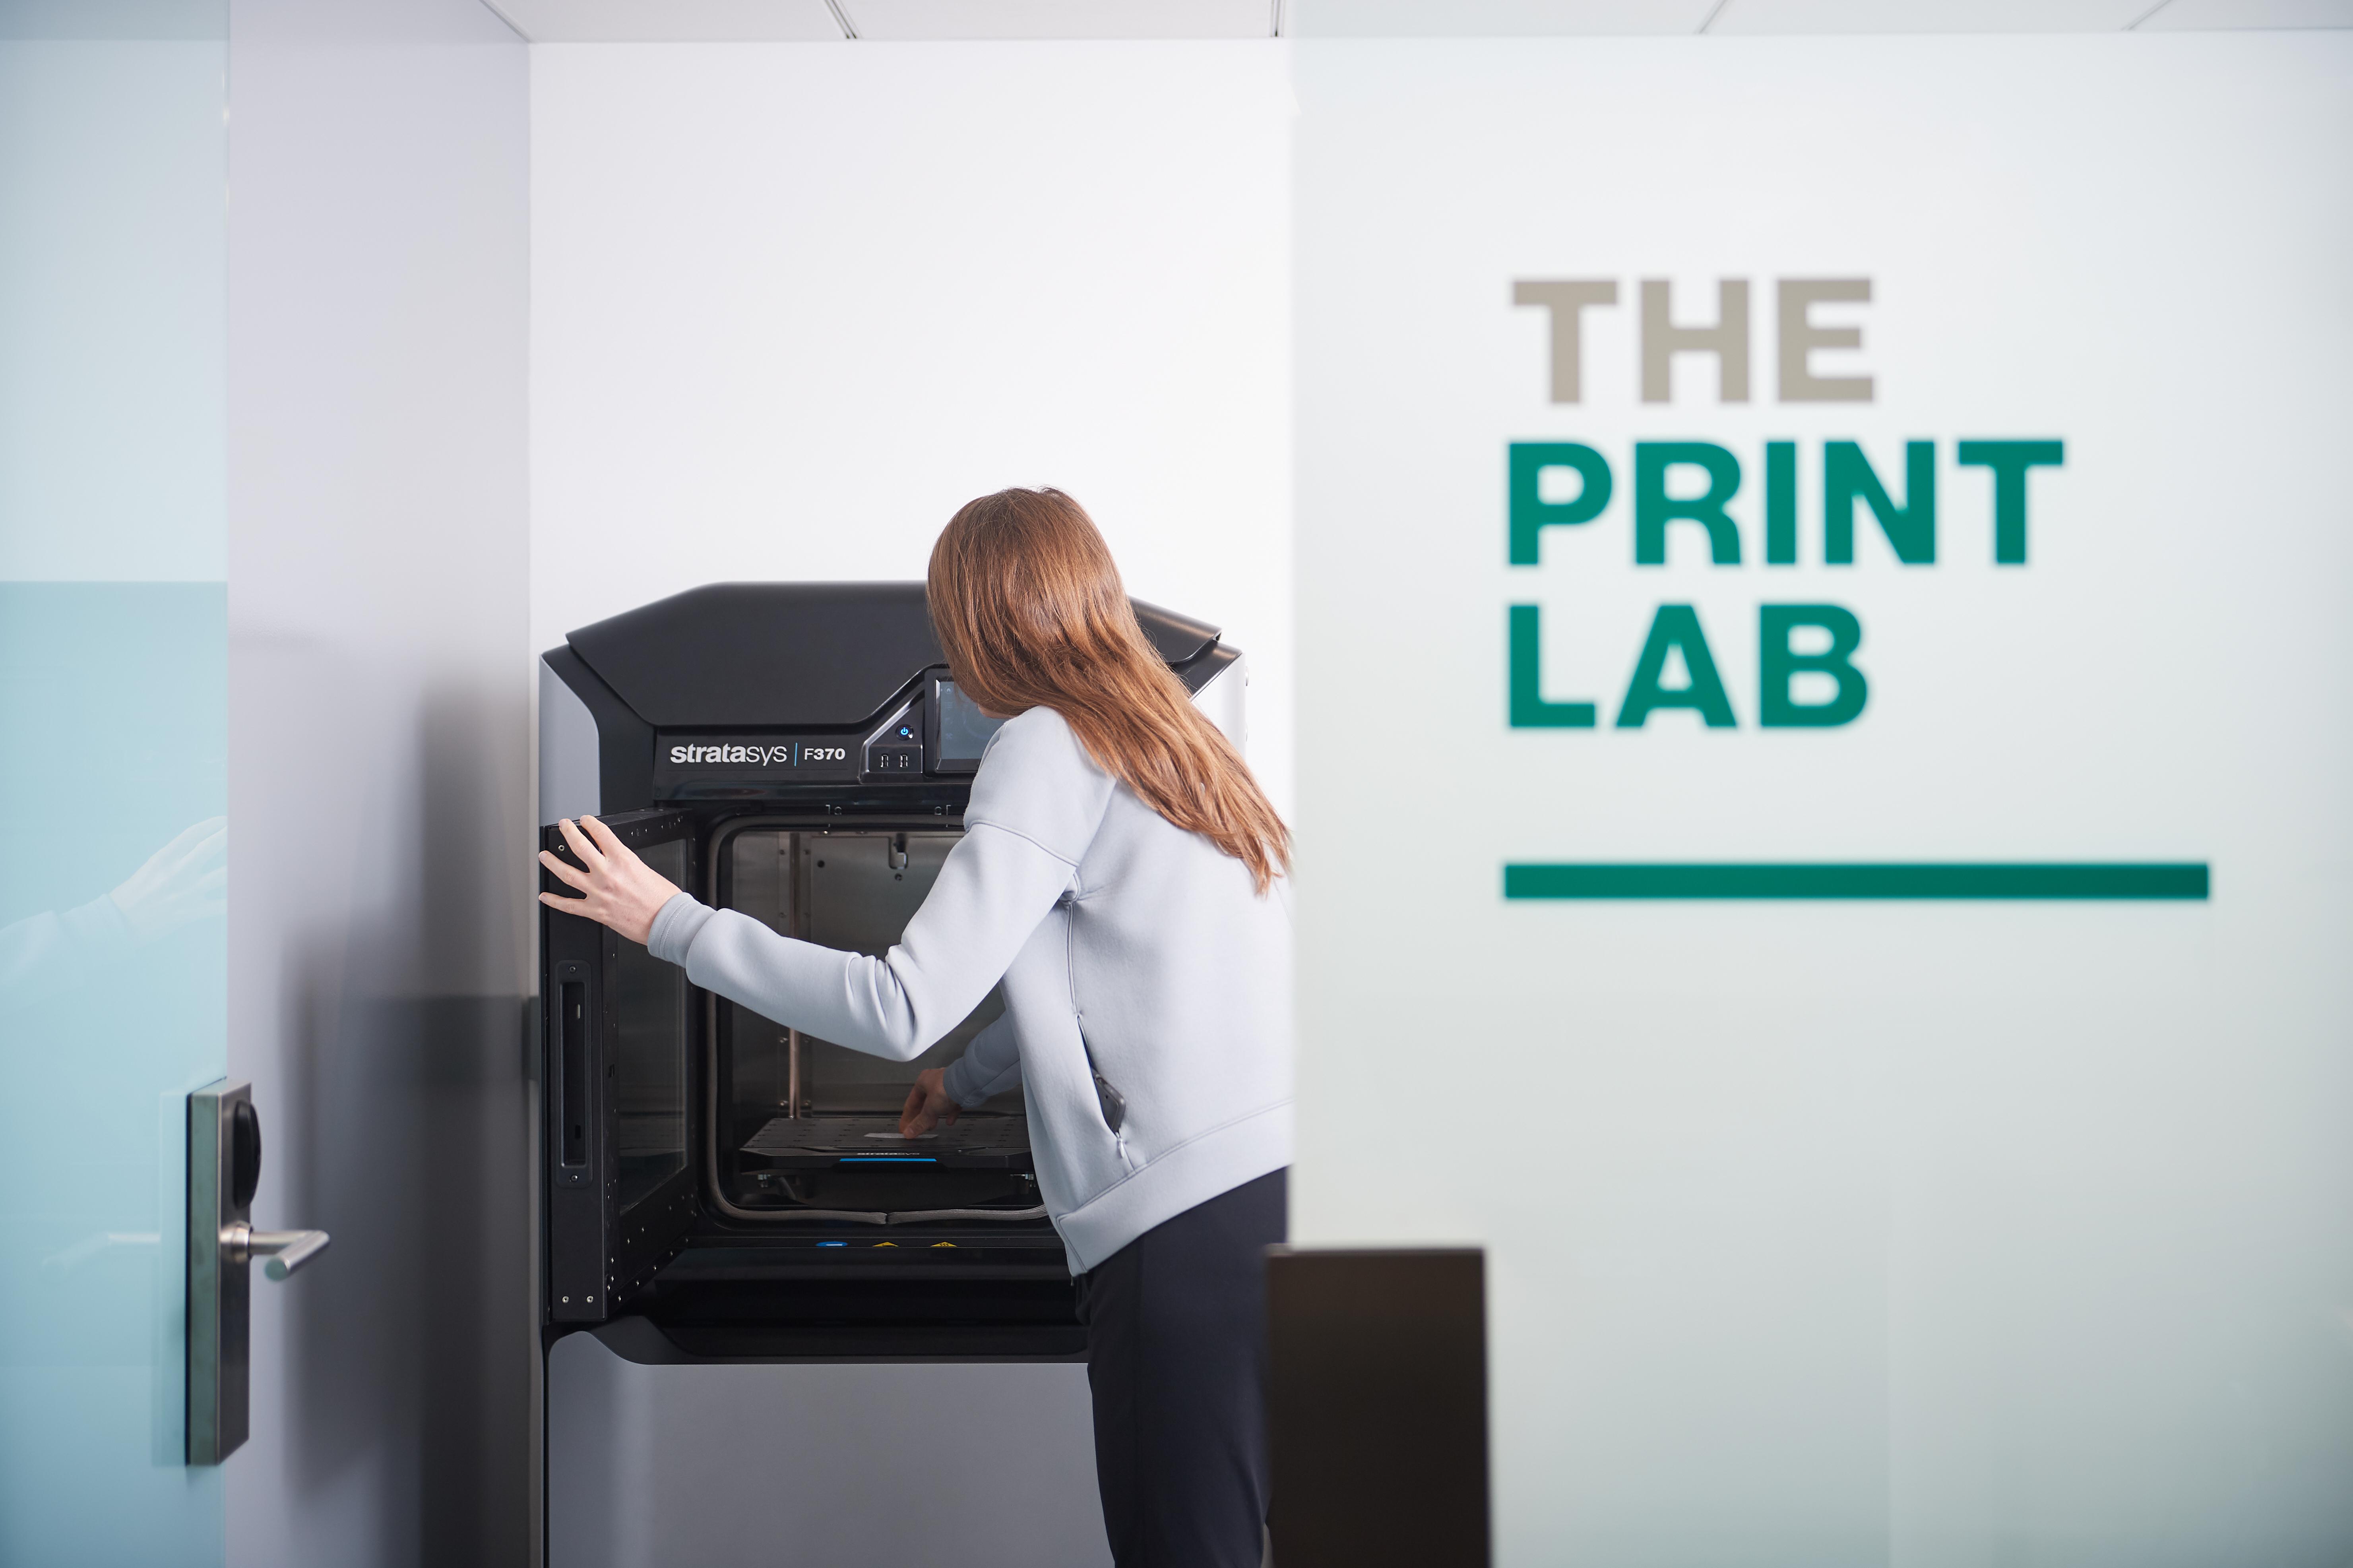 La planta del motor también tiene impresoras y laboratorios tridimensionales para experimentos de biología y química y pruebas ópticas.